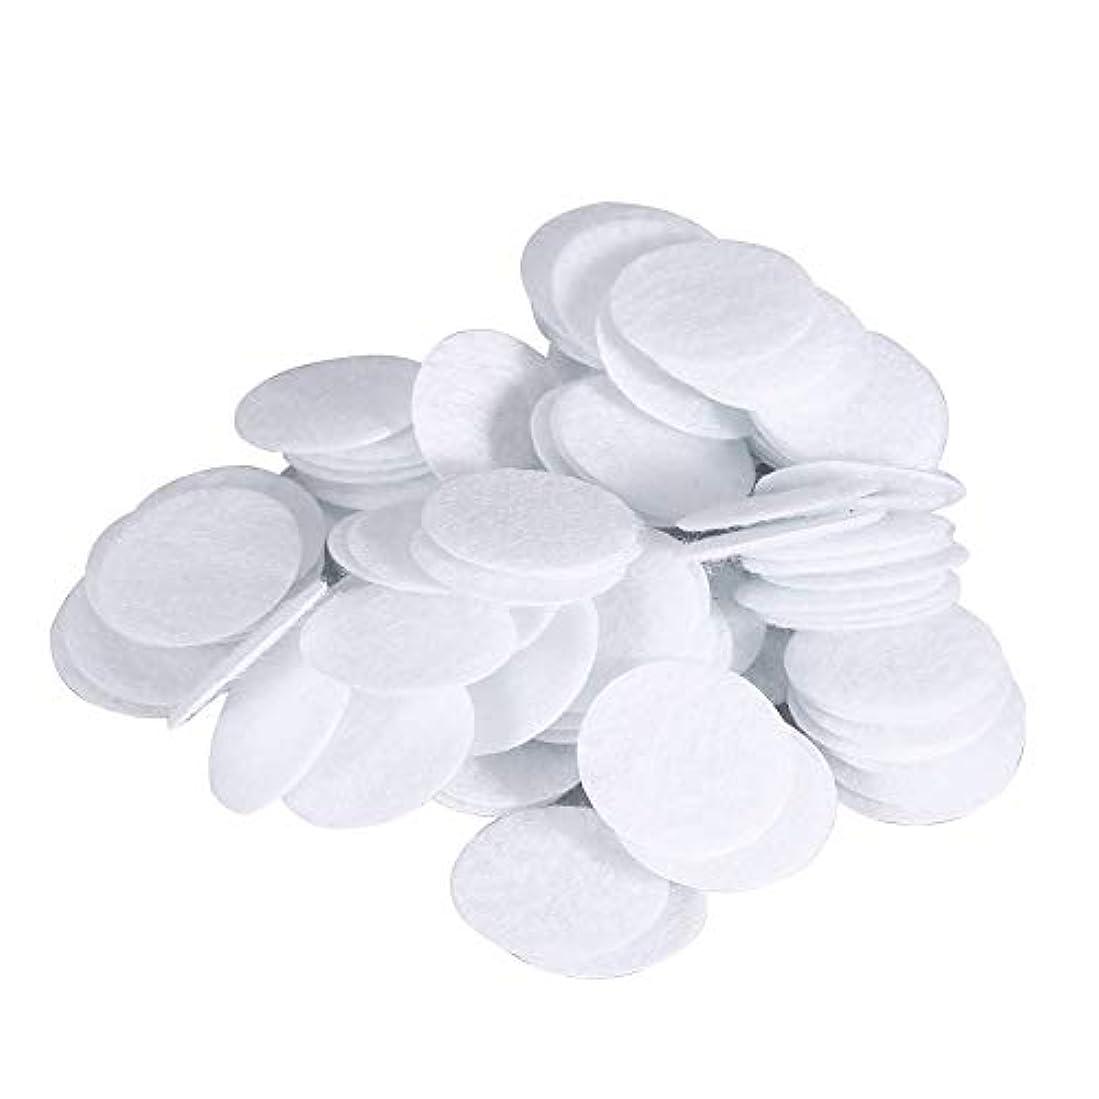 恥ずかしさ雪だるま腐食する綿フィルターパッド にきび除去美容機用 100個 コットン 20mm